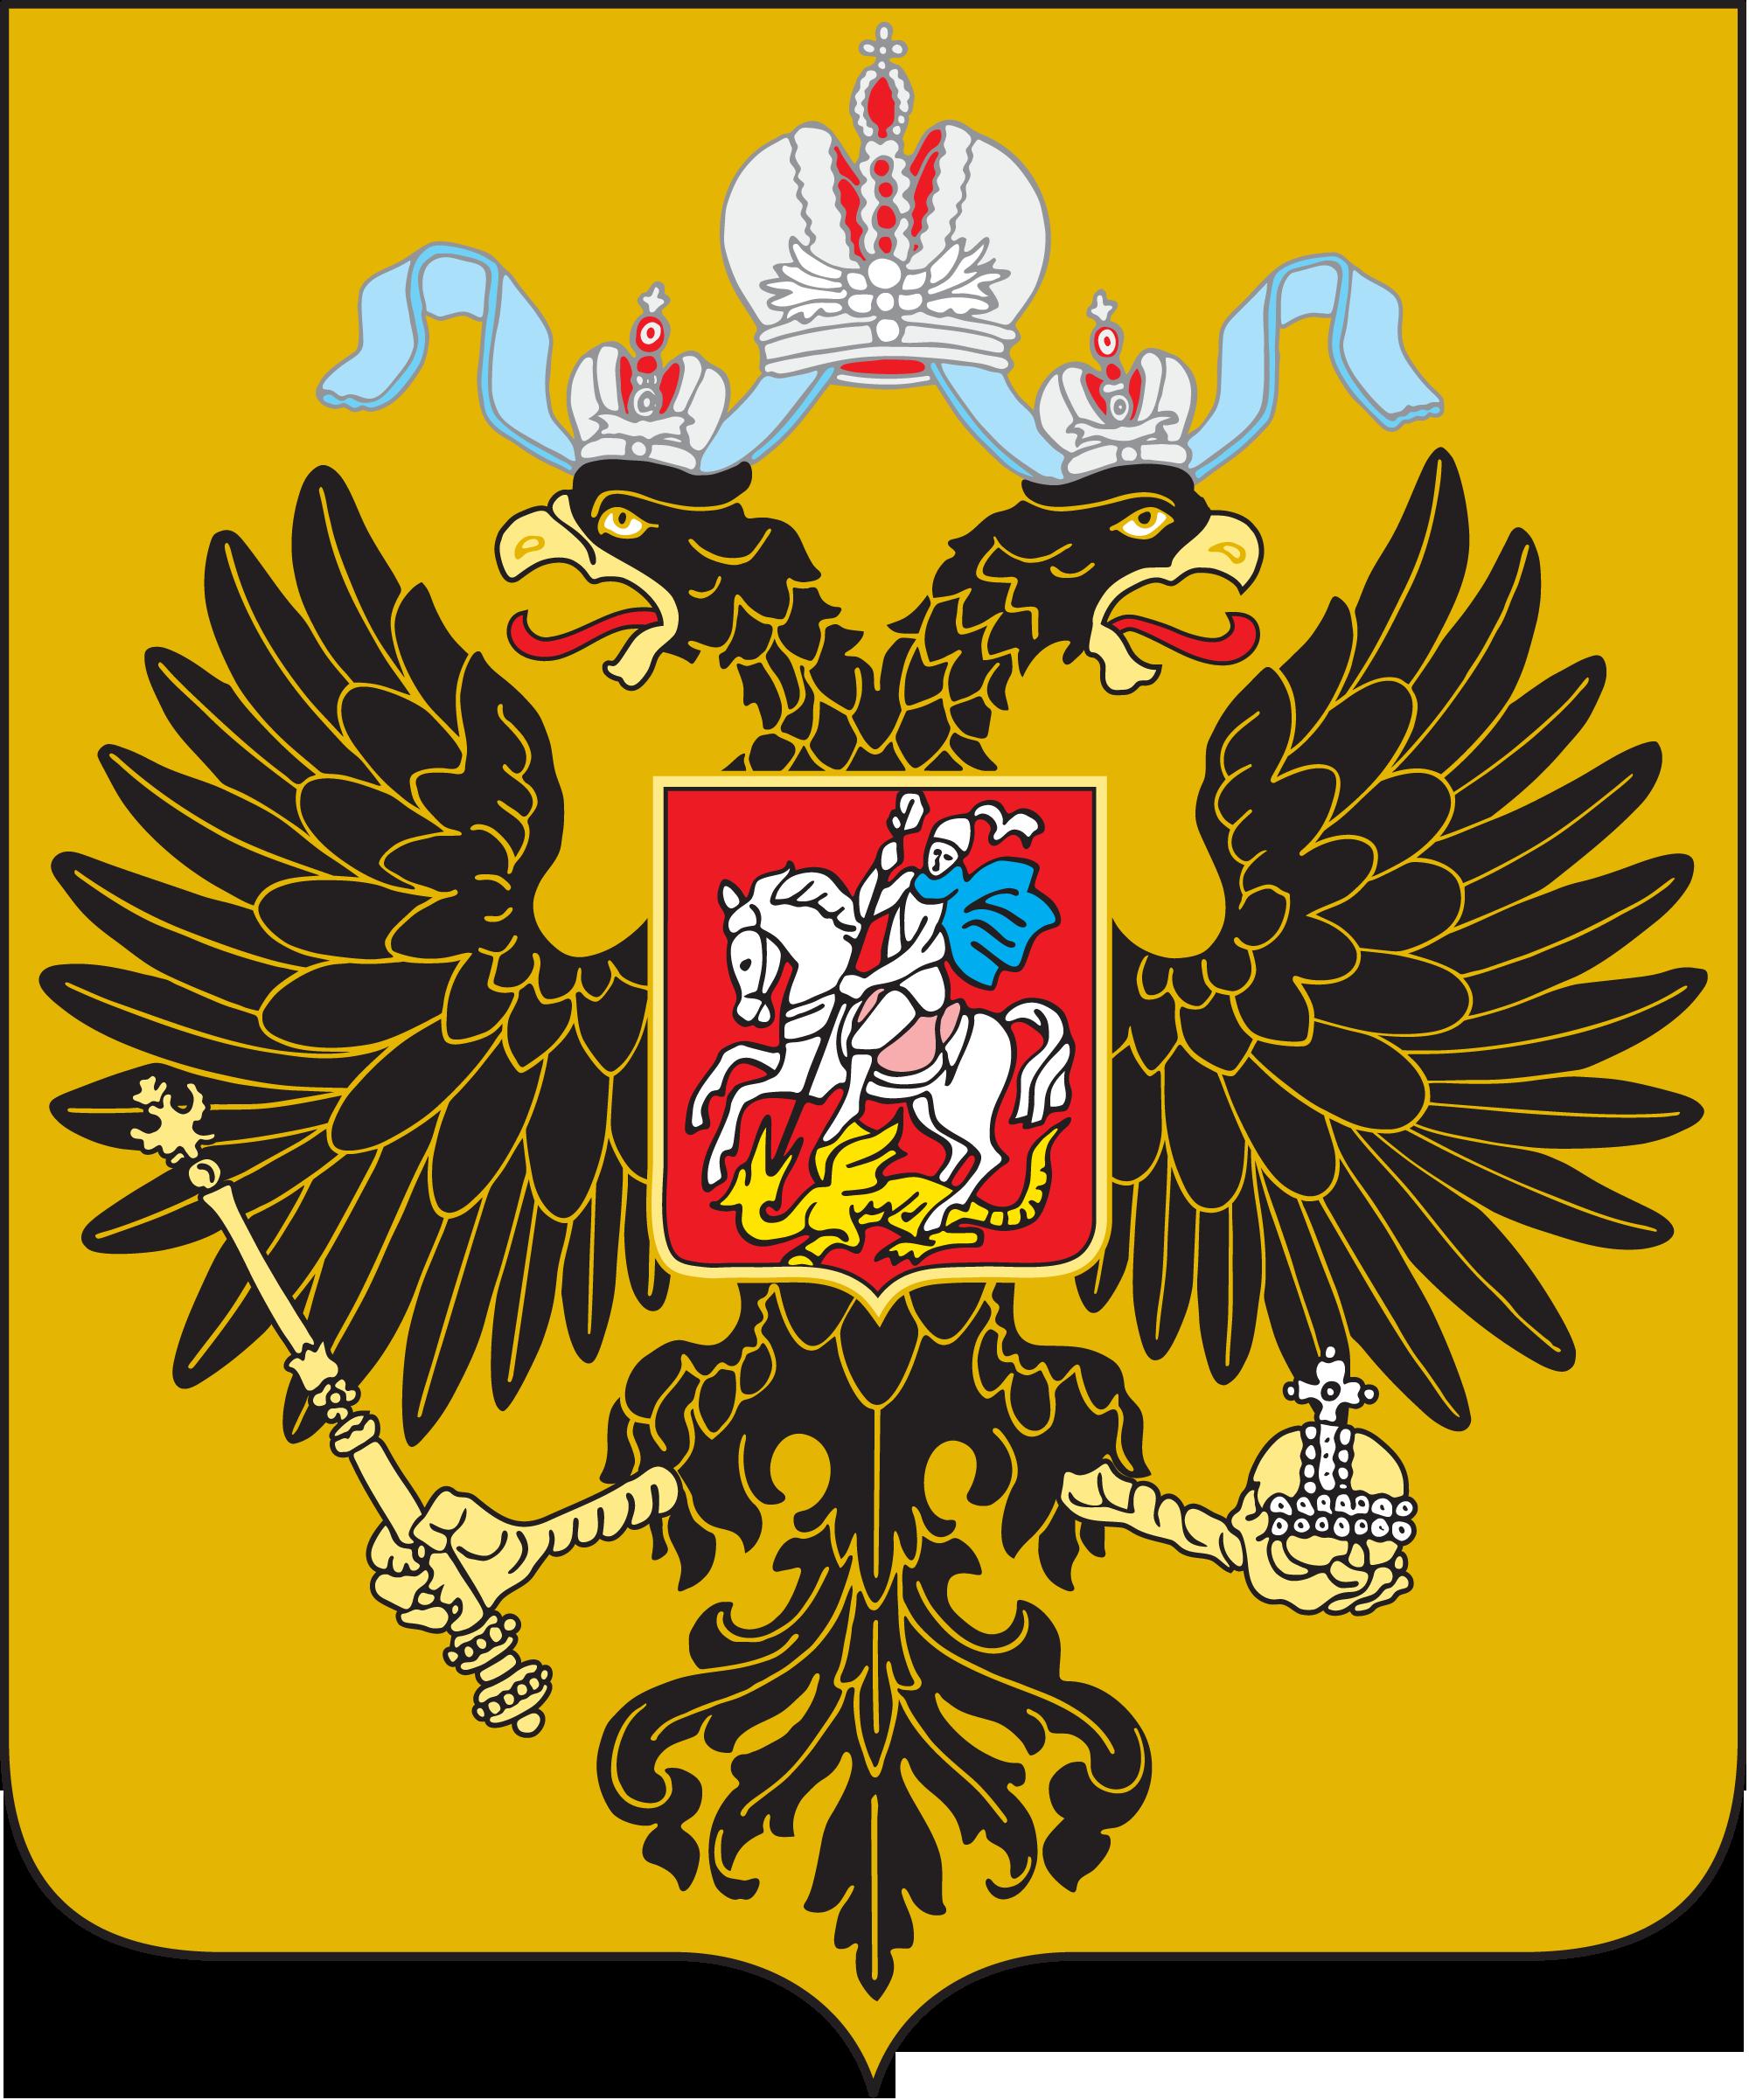 Центральный элемент Большого герба Российской Империи (двуглавый орел, 1882 г.)